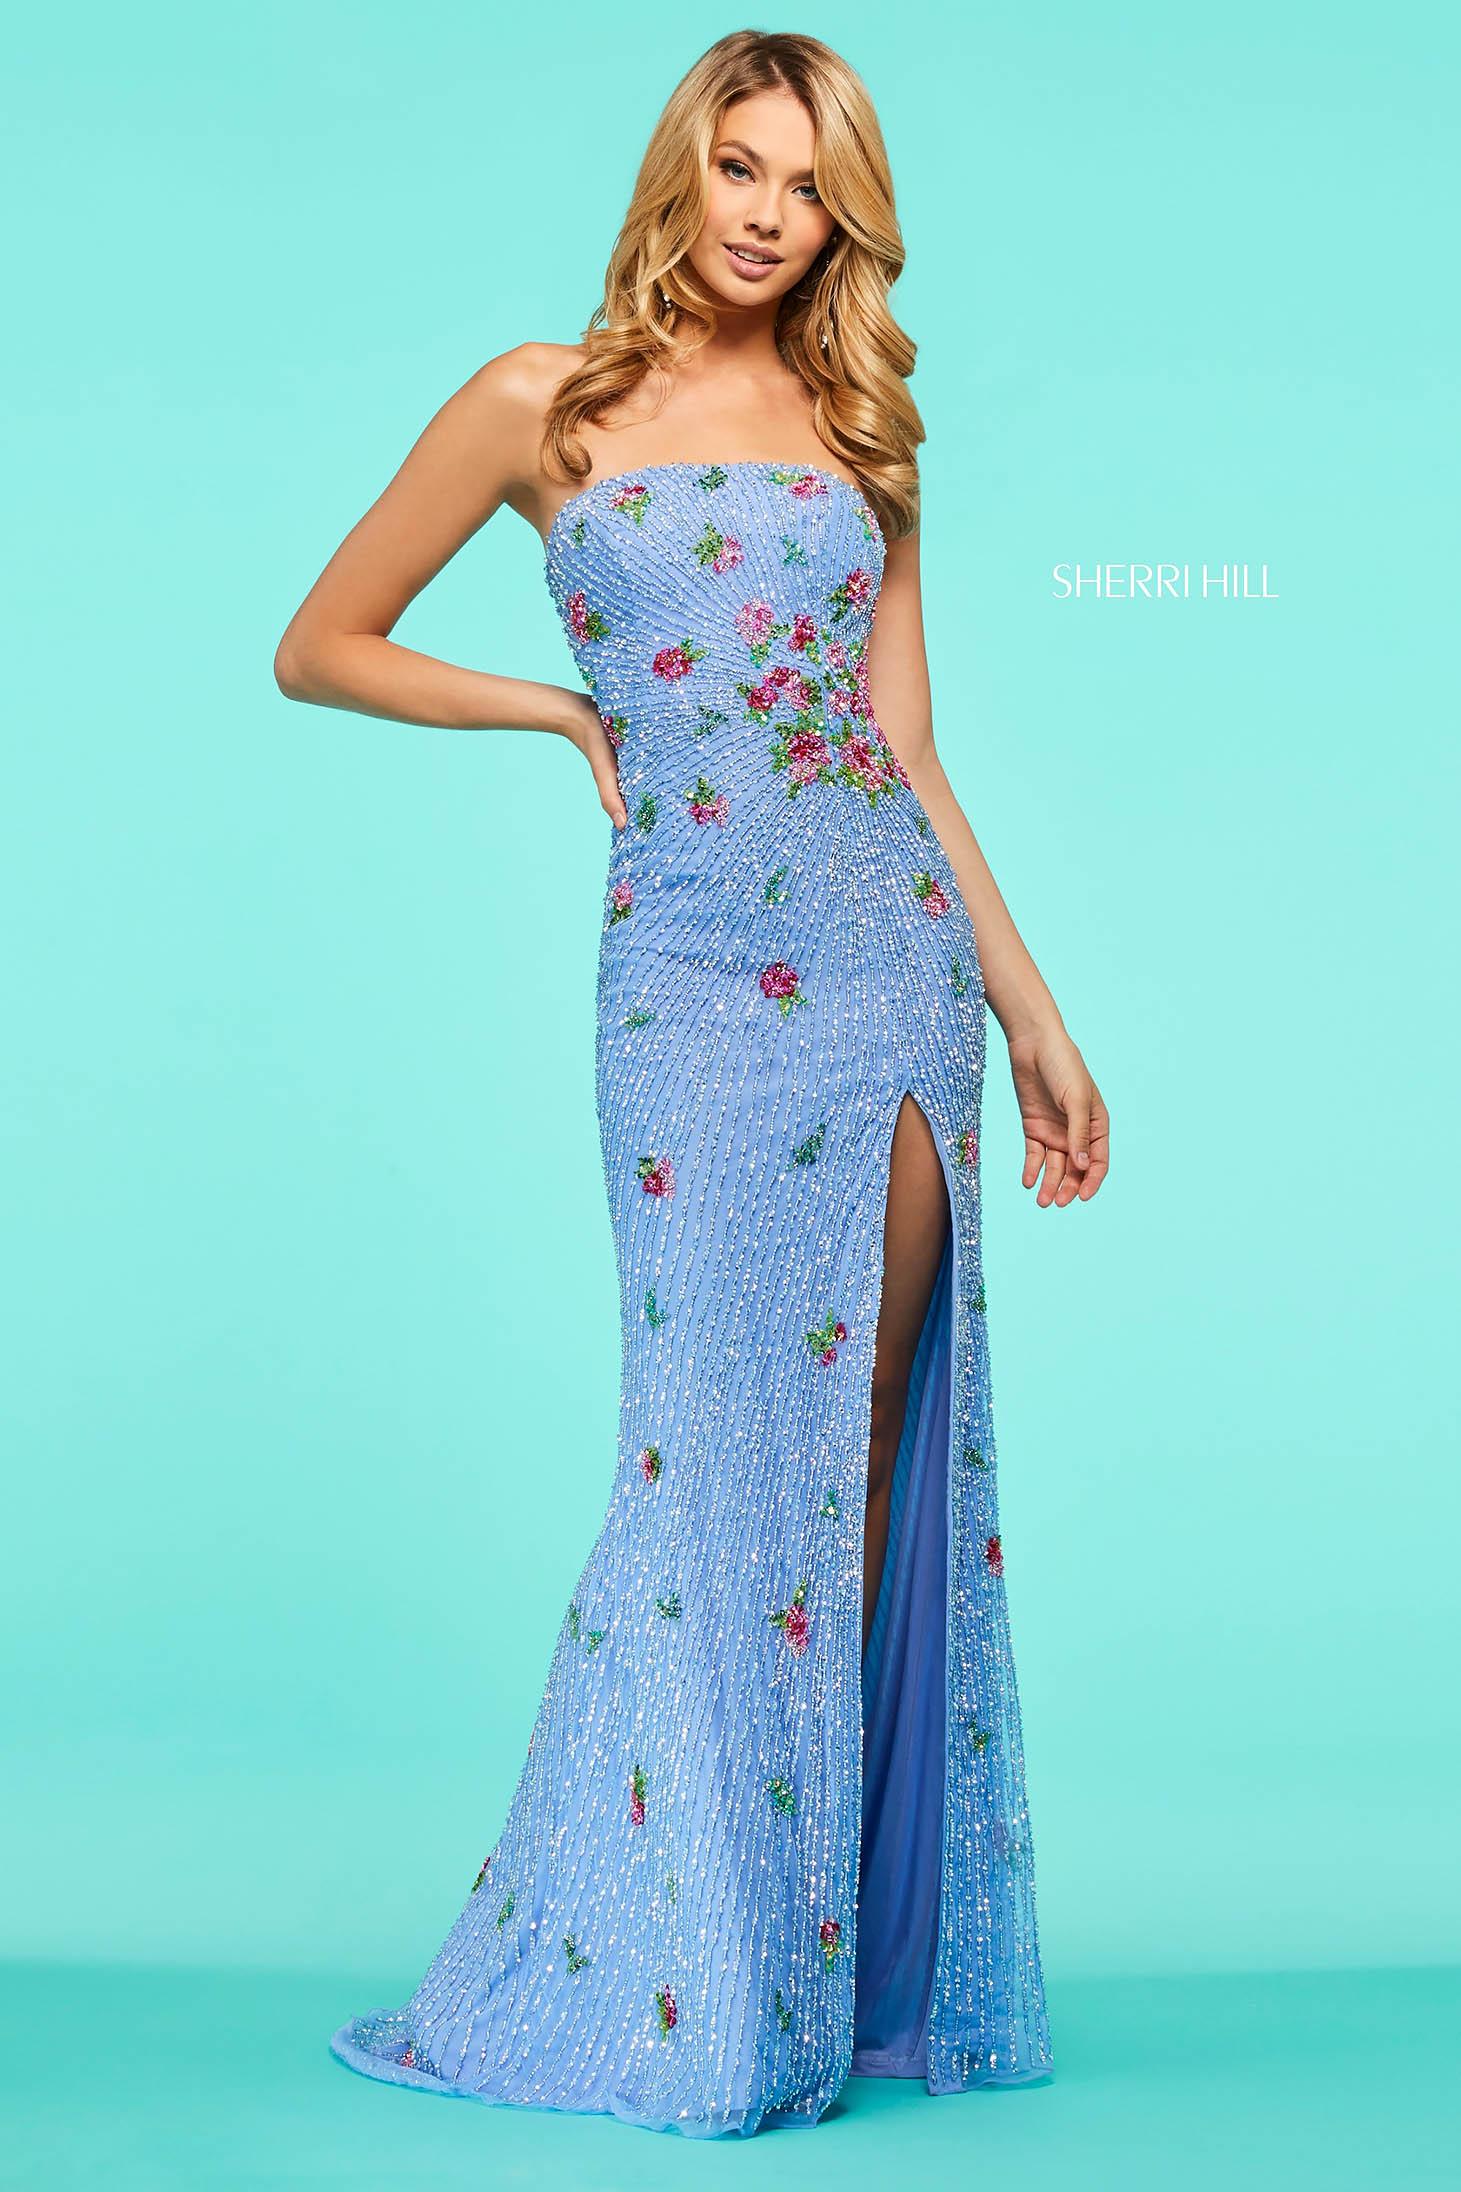 Rochie Sherri Hill 53488 light blue/multi